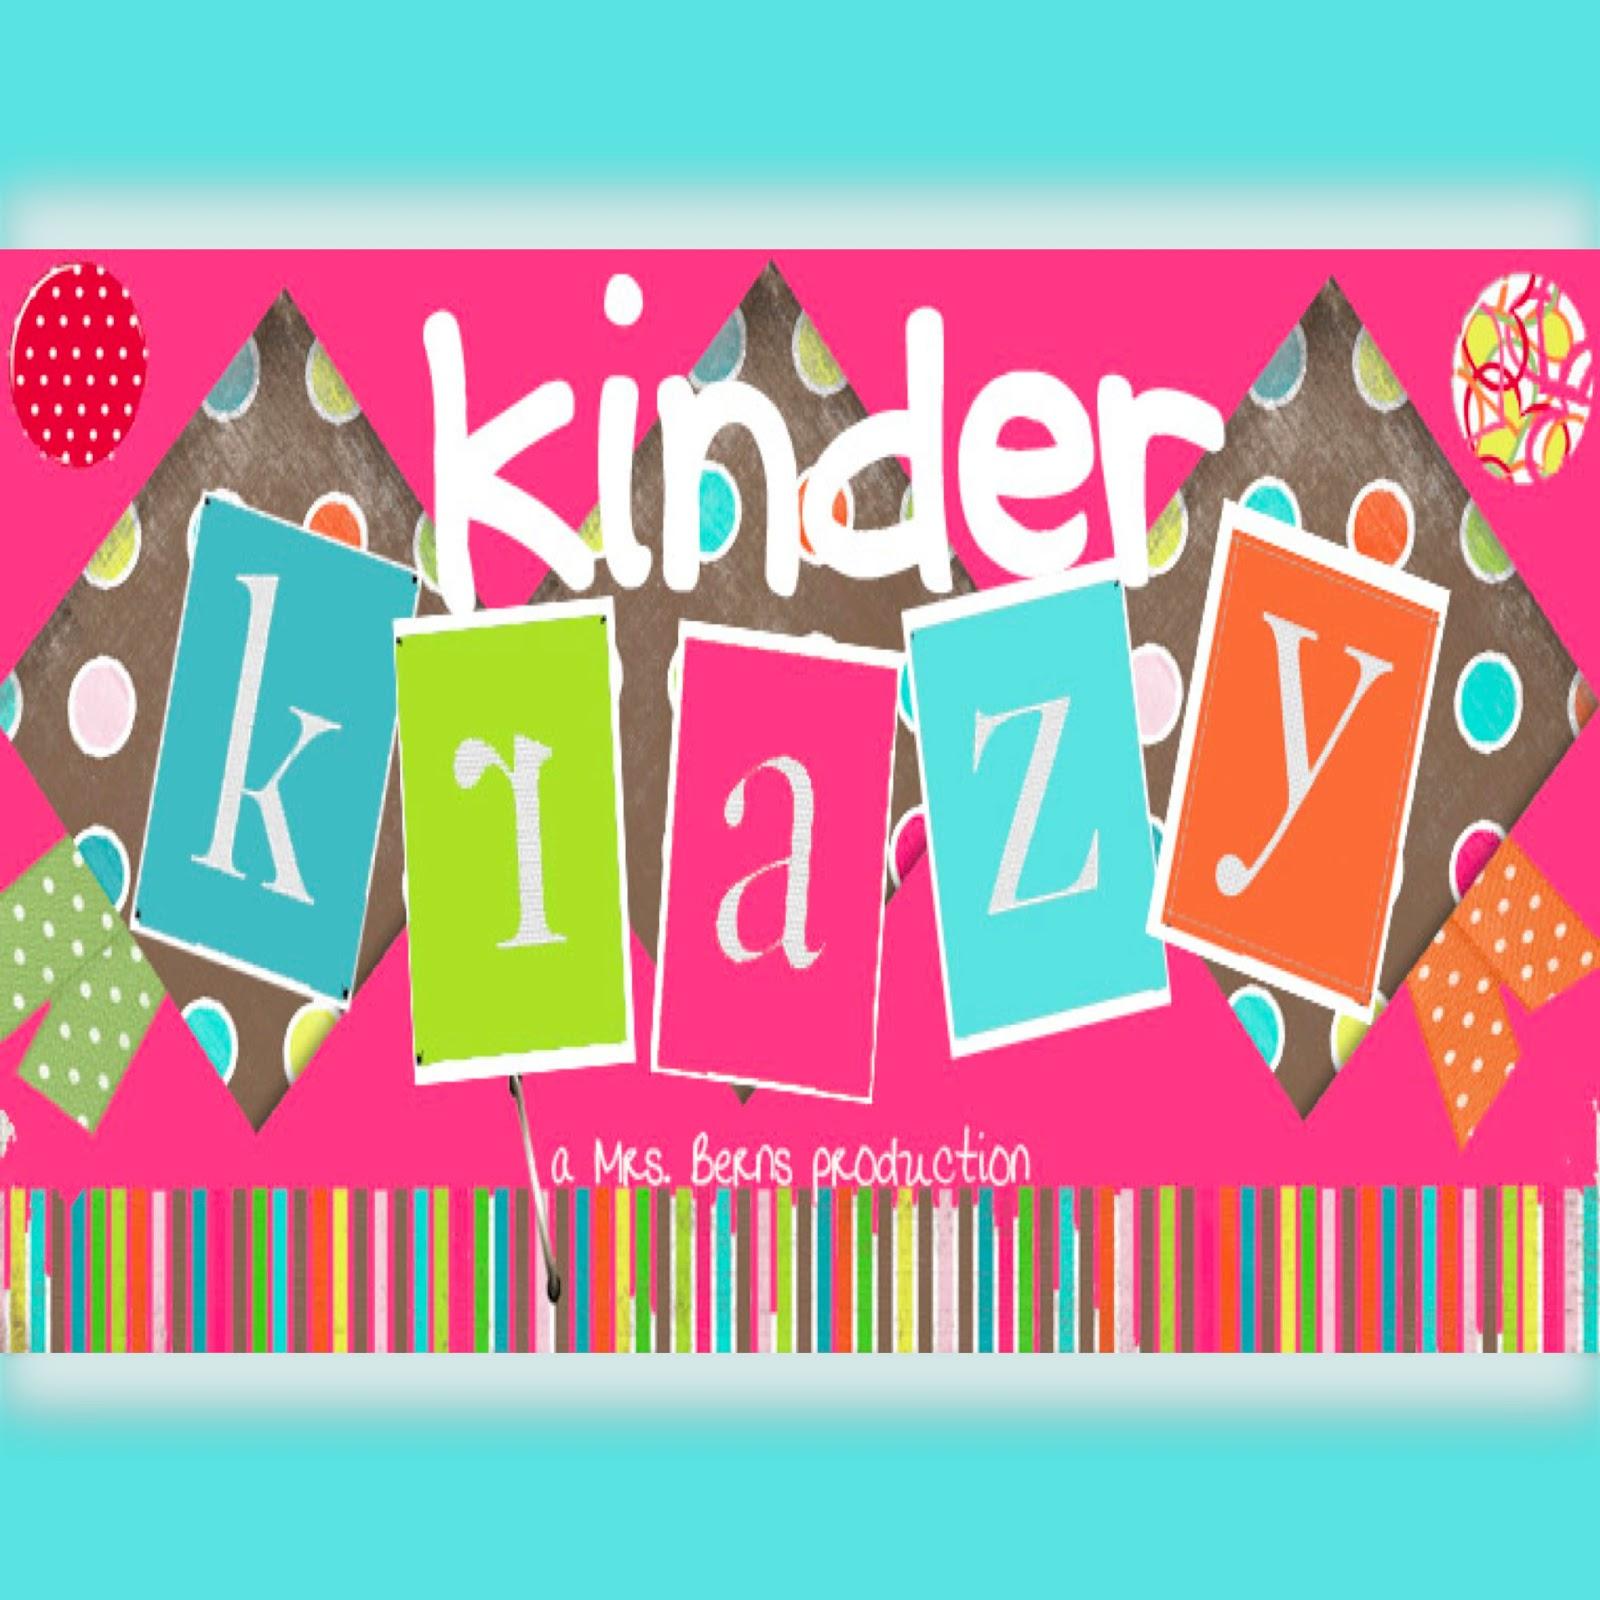 KinderKrazy